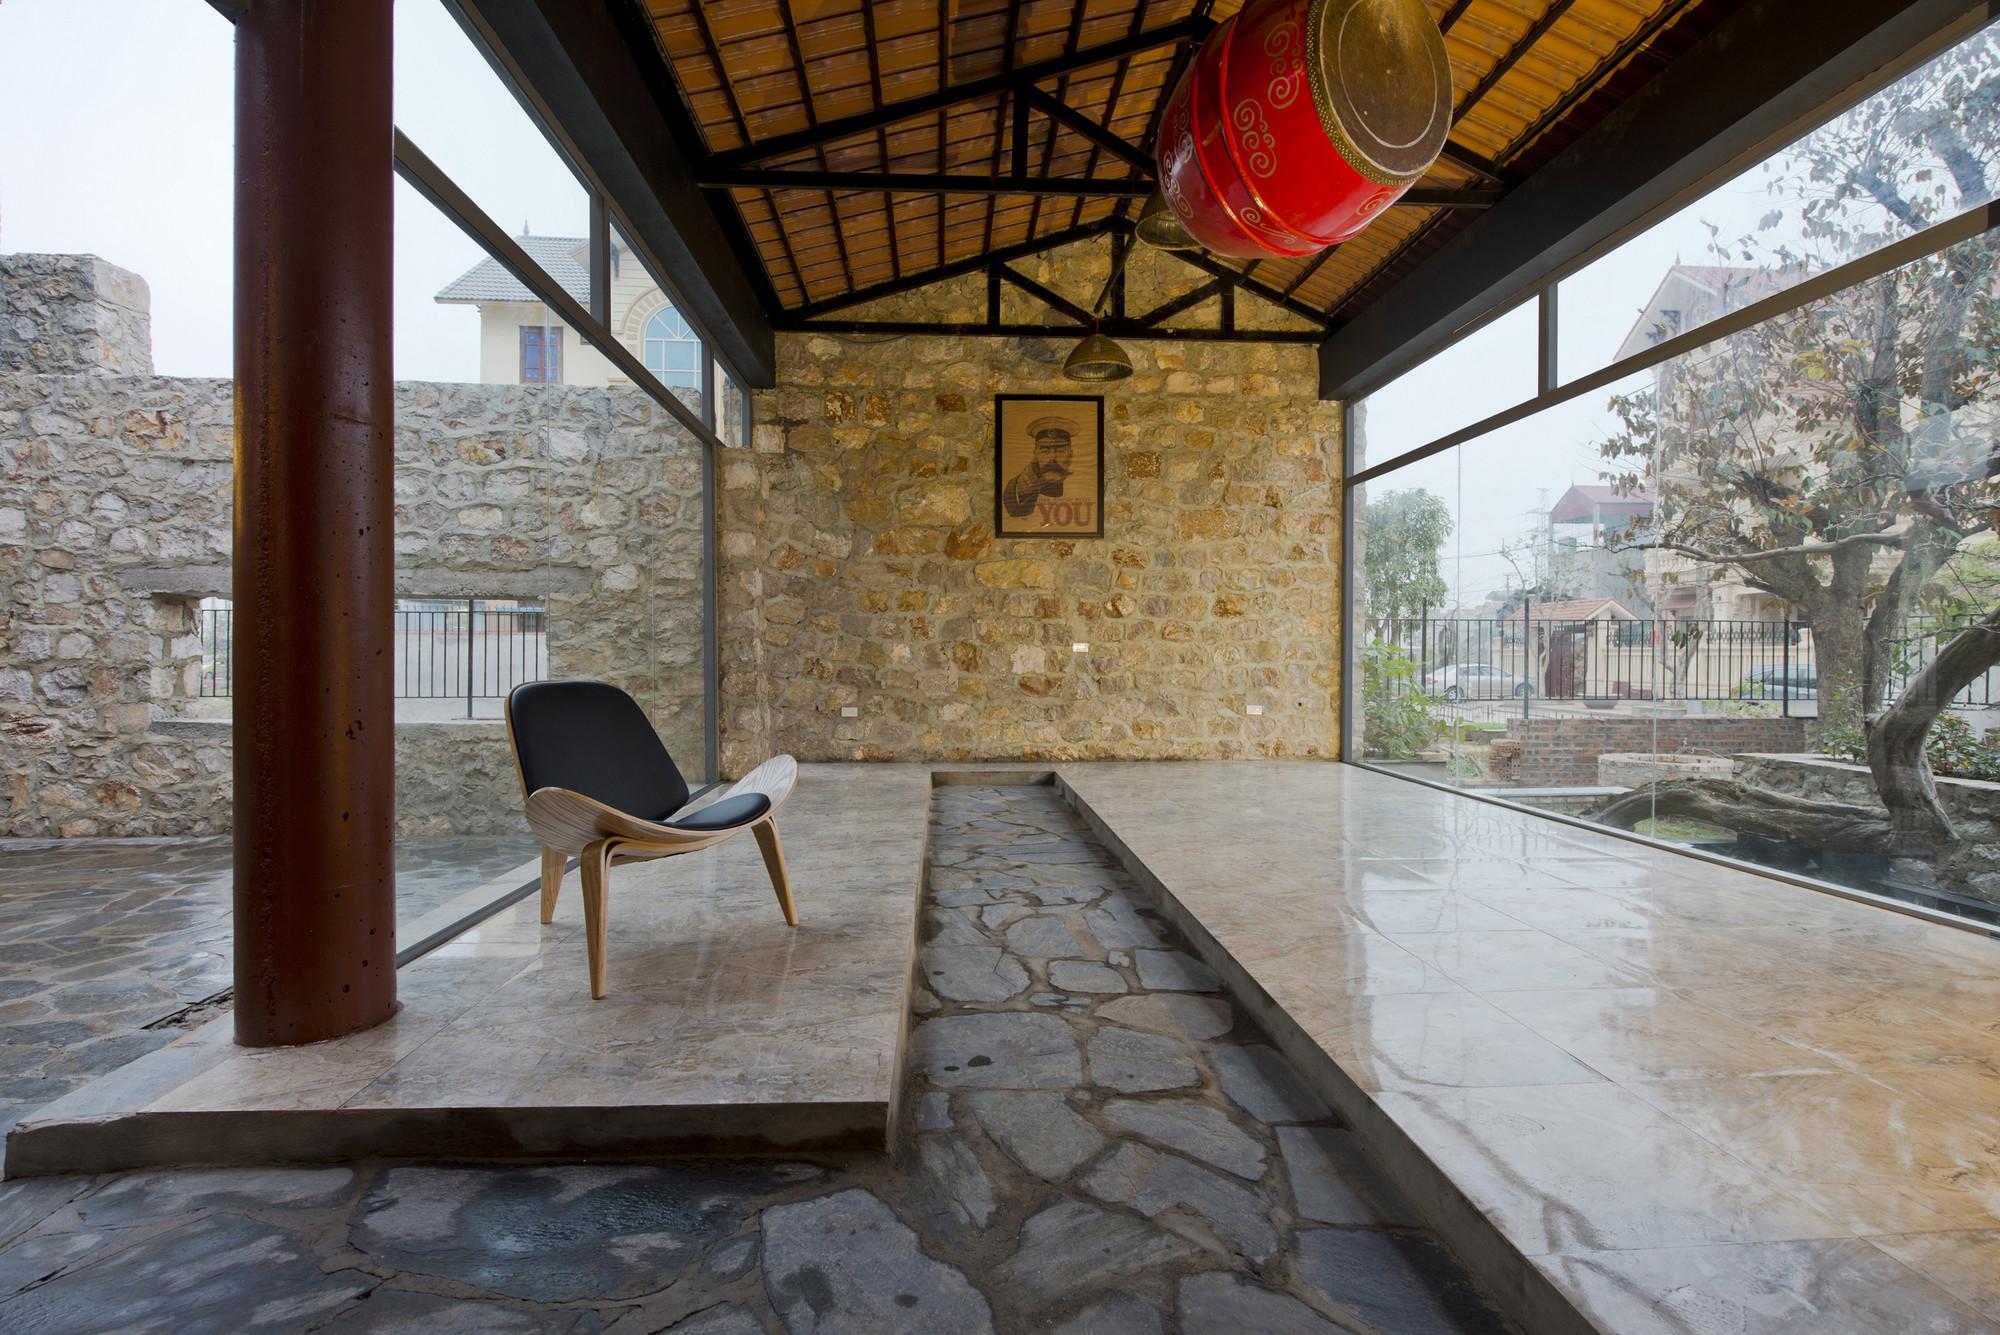 Viet Pavilion / Landmak Architecture, © Le Anh Duc